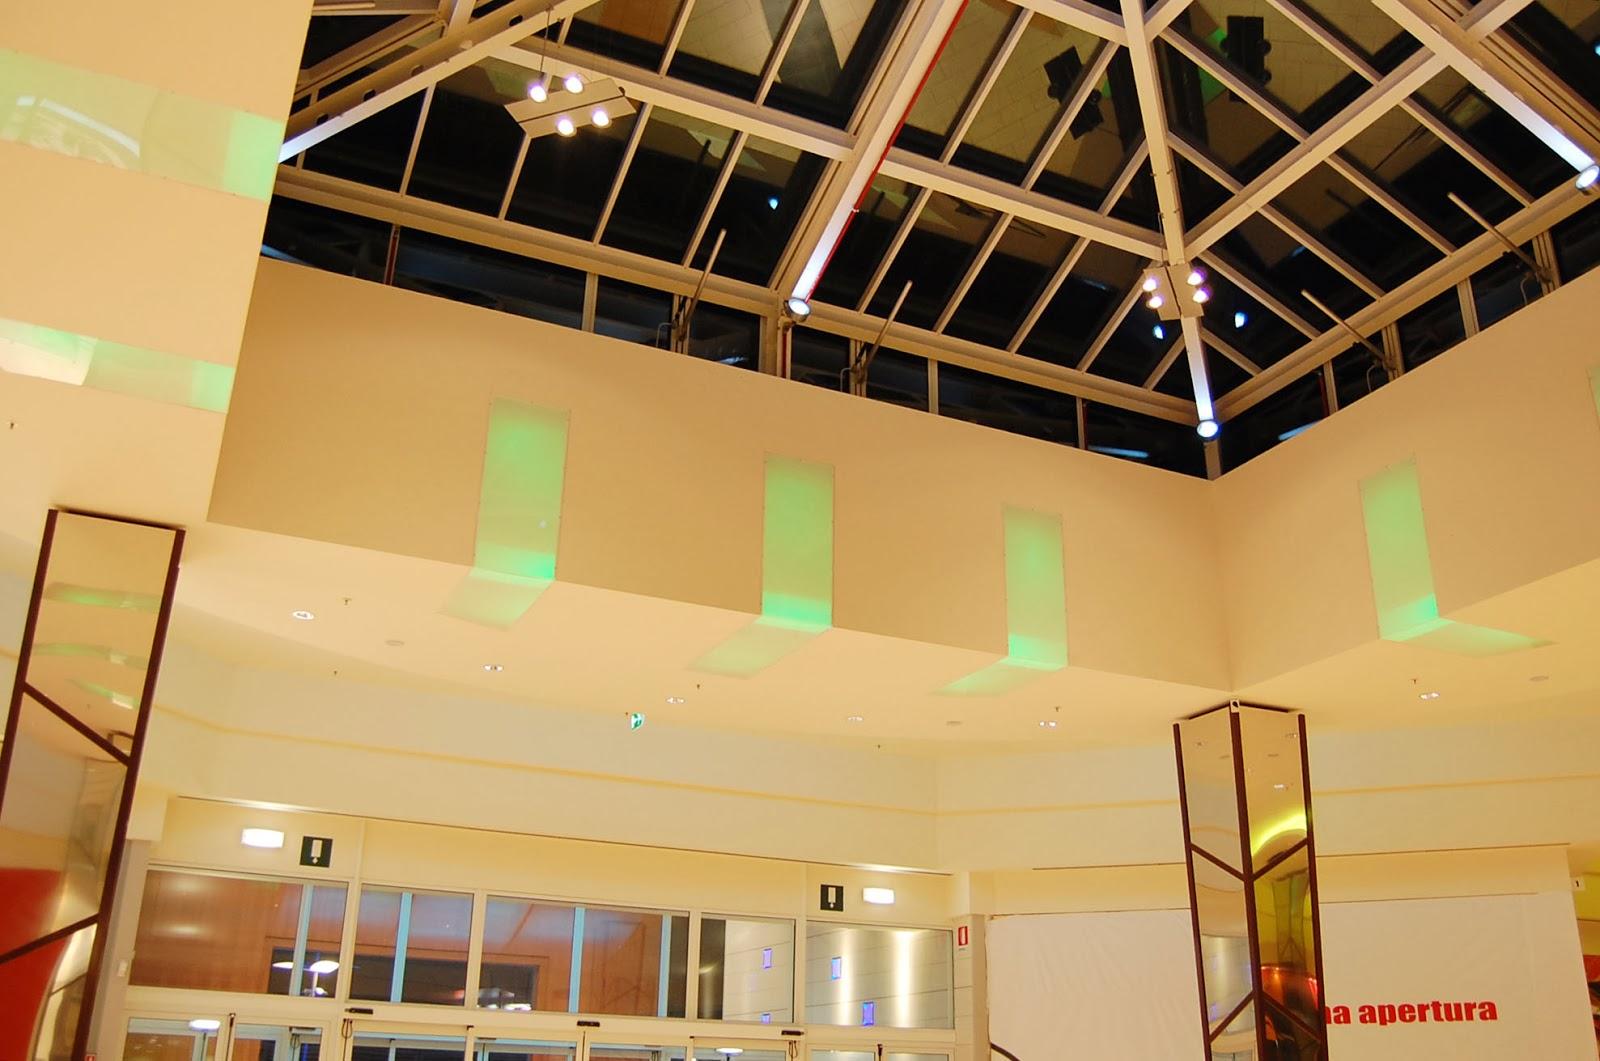 Illuminazione led casa: mondovì illuminazione led del centro